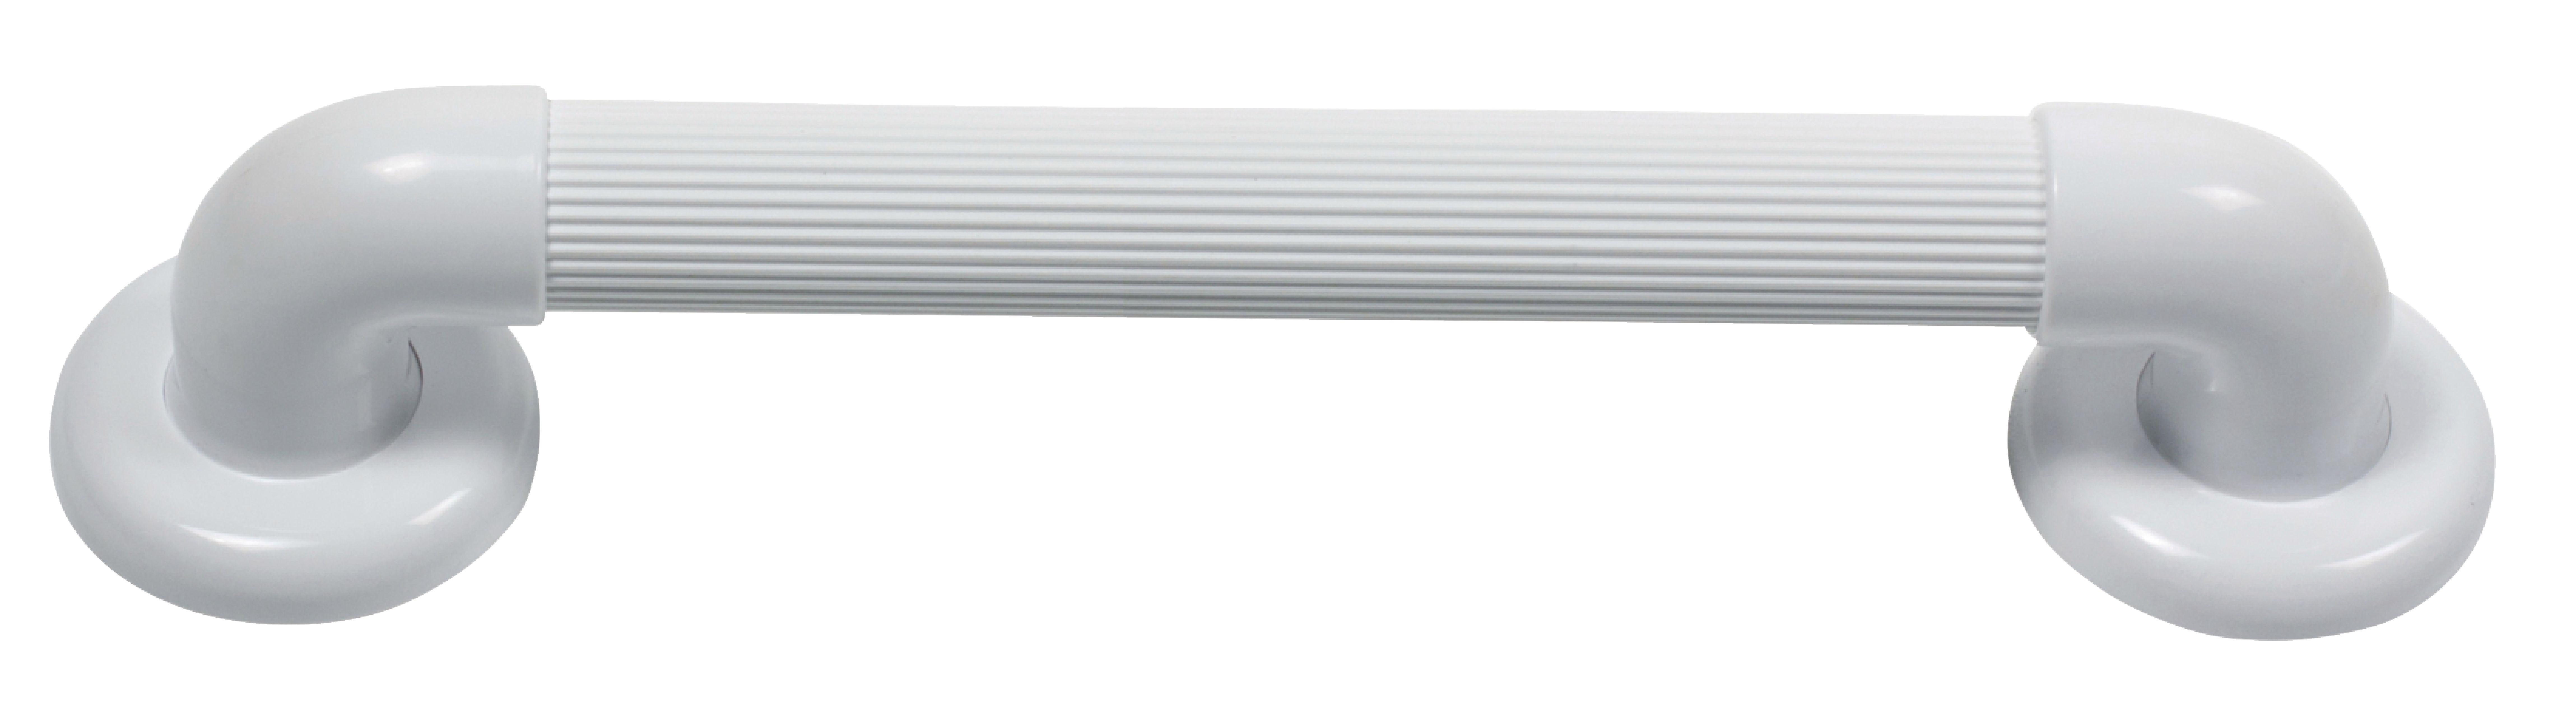 Koupelnové madlo 45 cm Vitility VIT-70110190